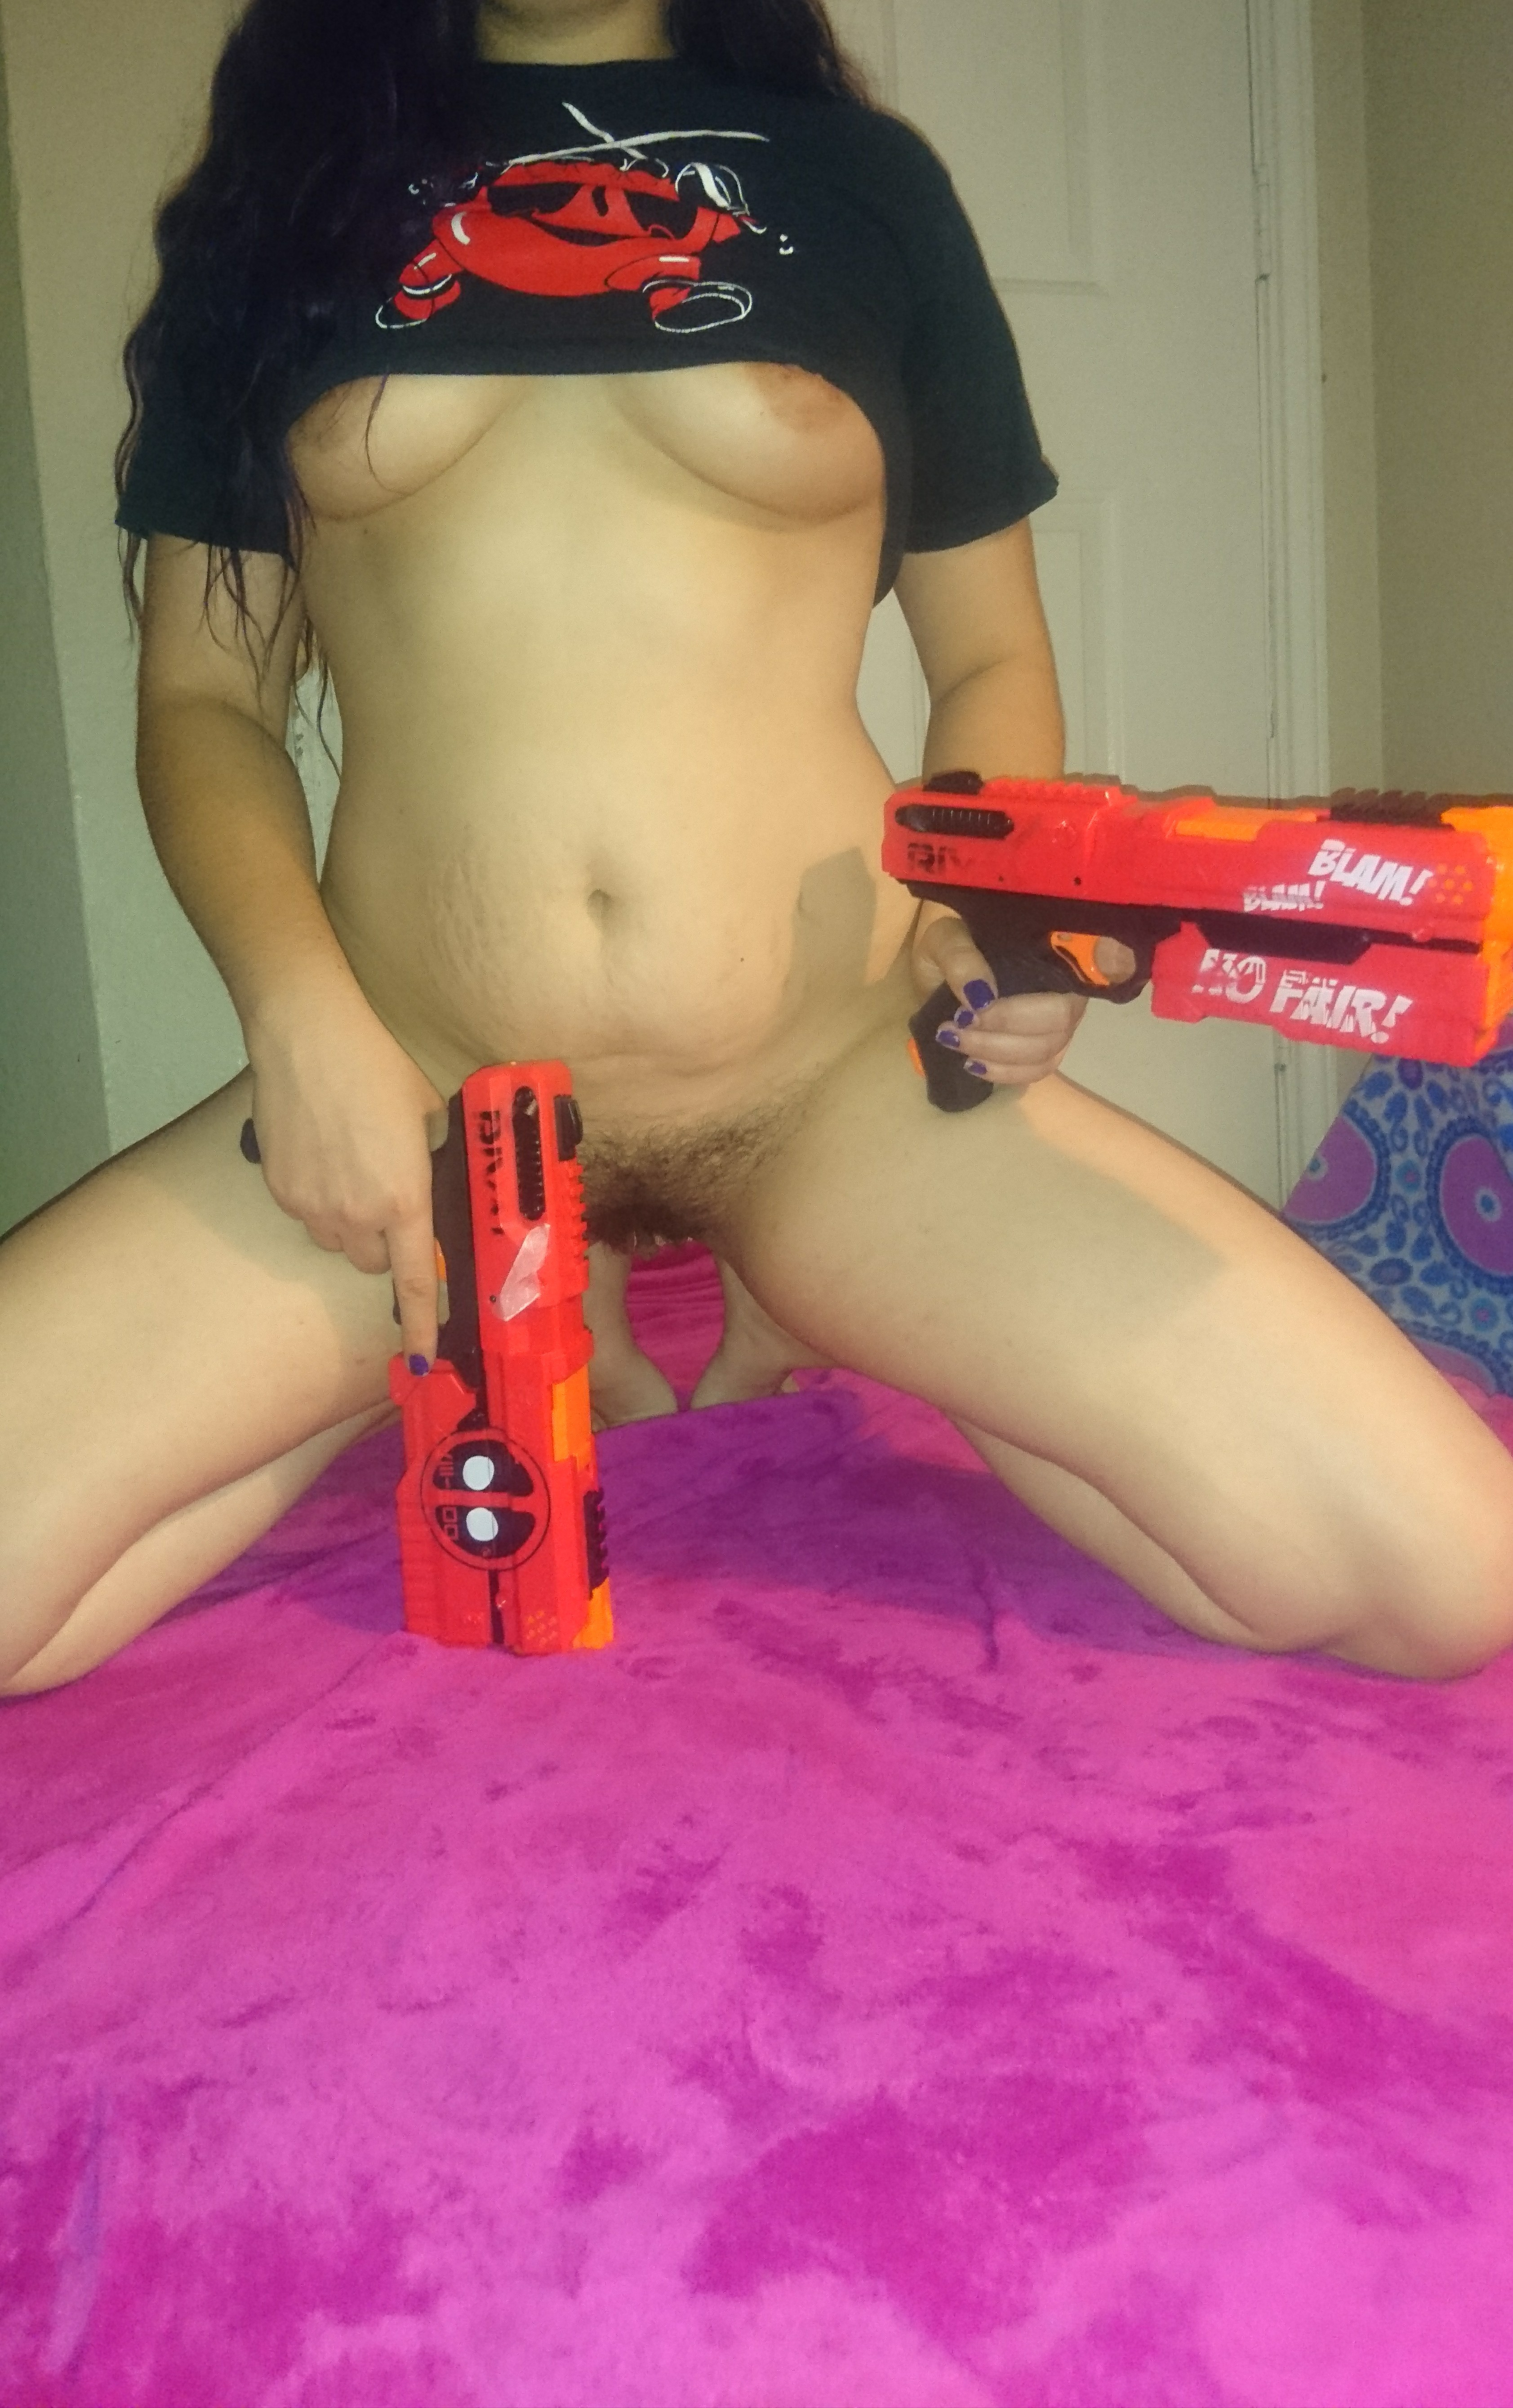 deadpool porno stripveliki kurac cumming teško